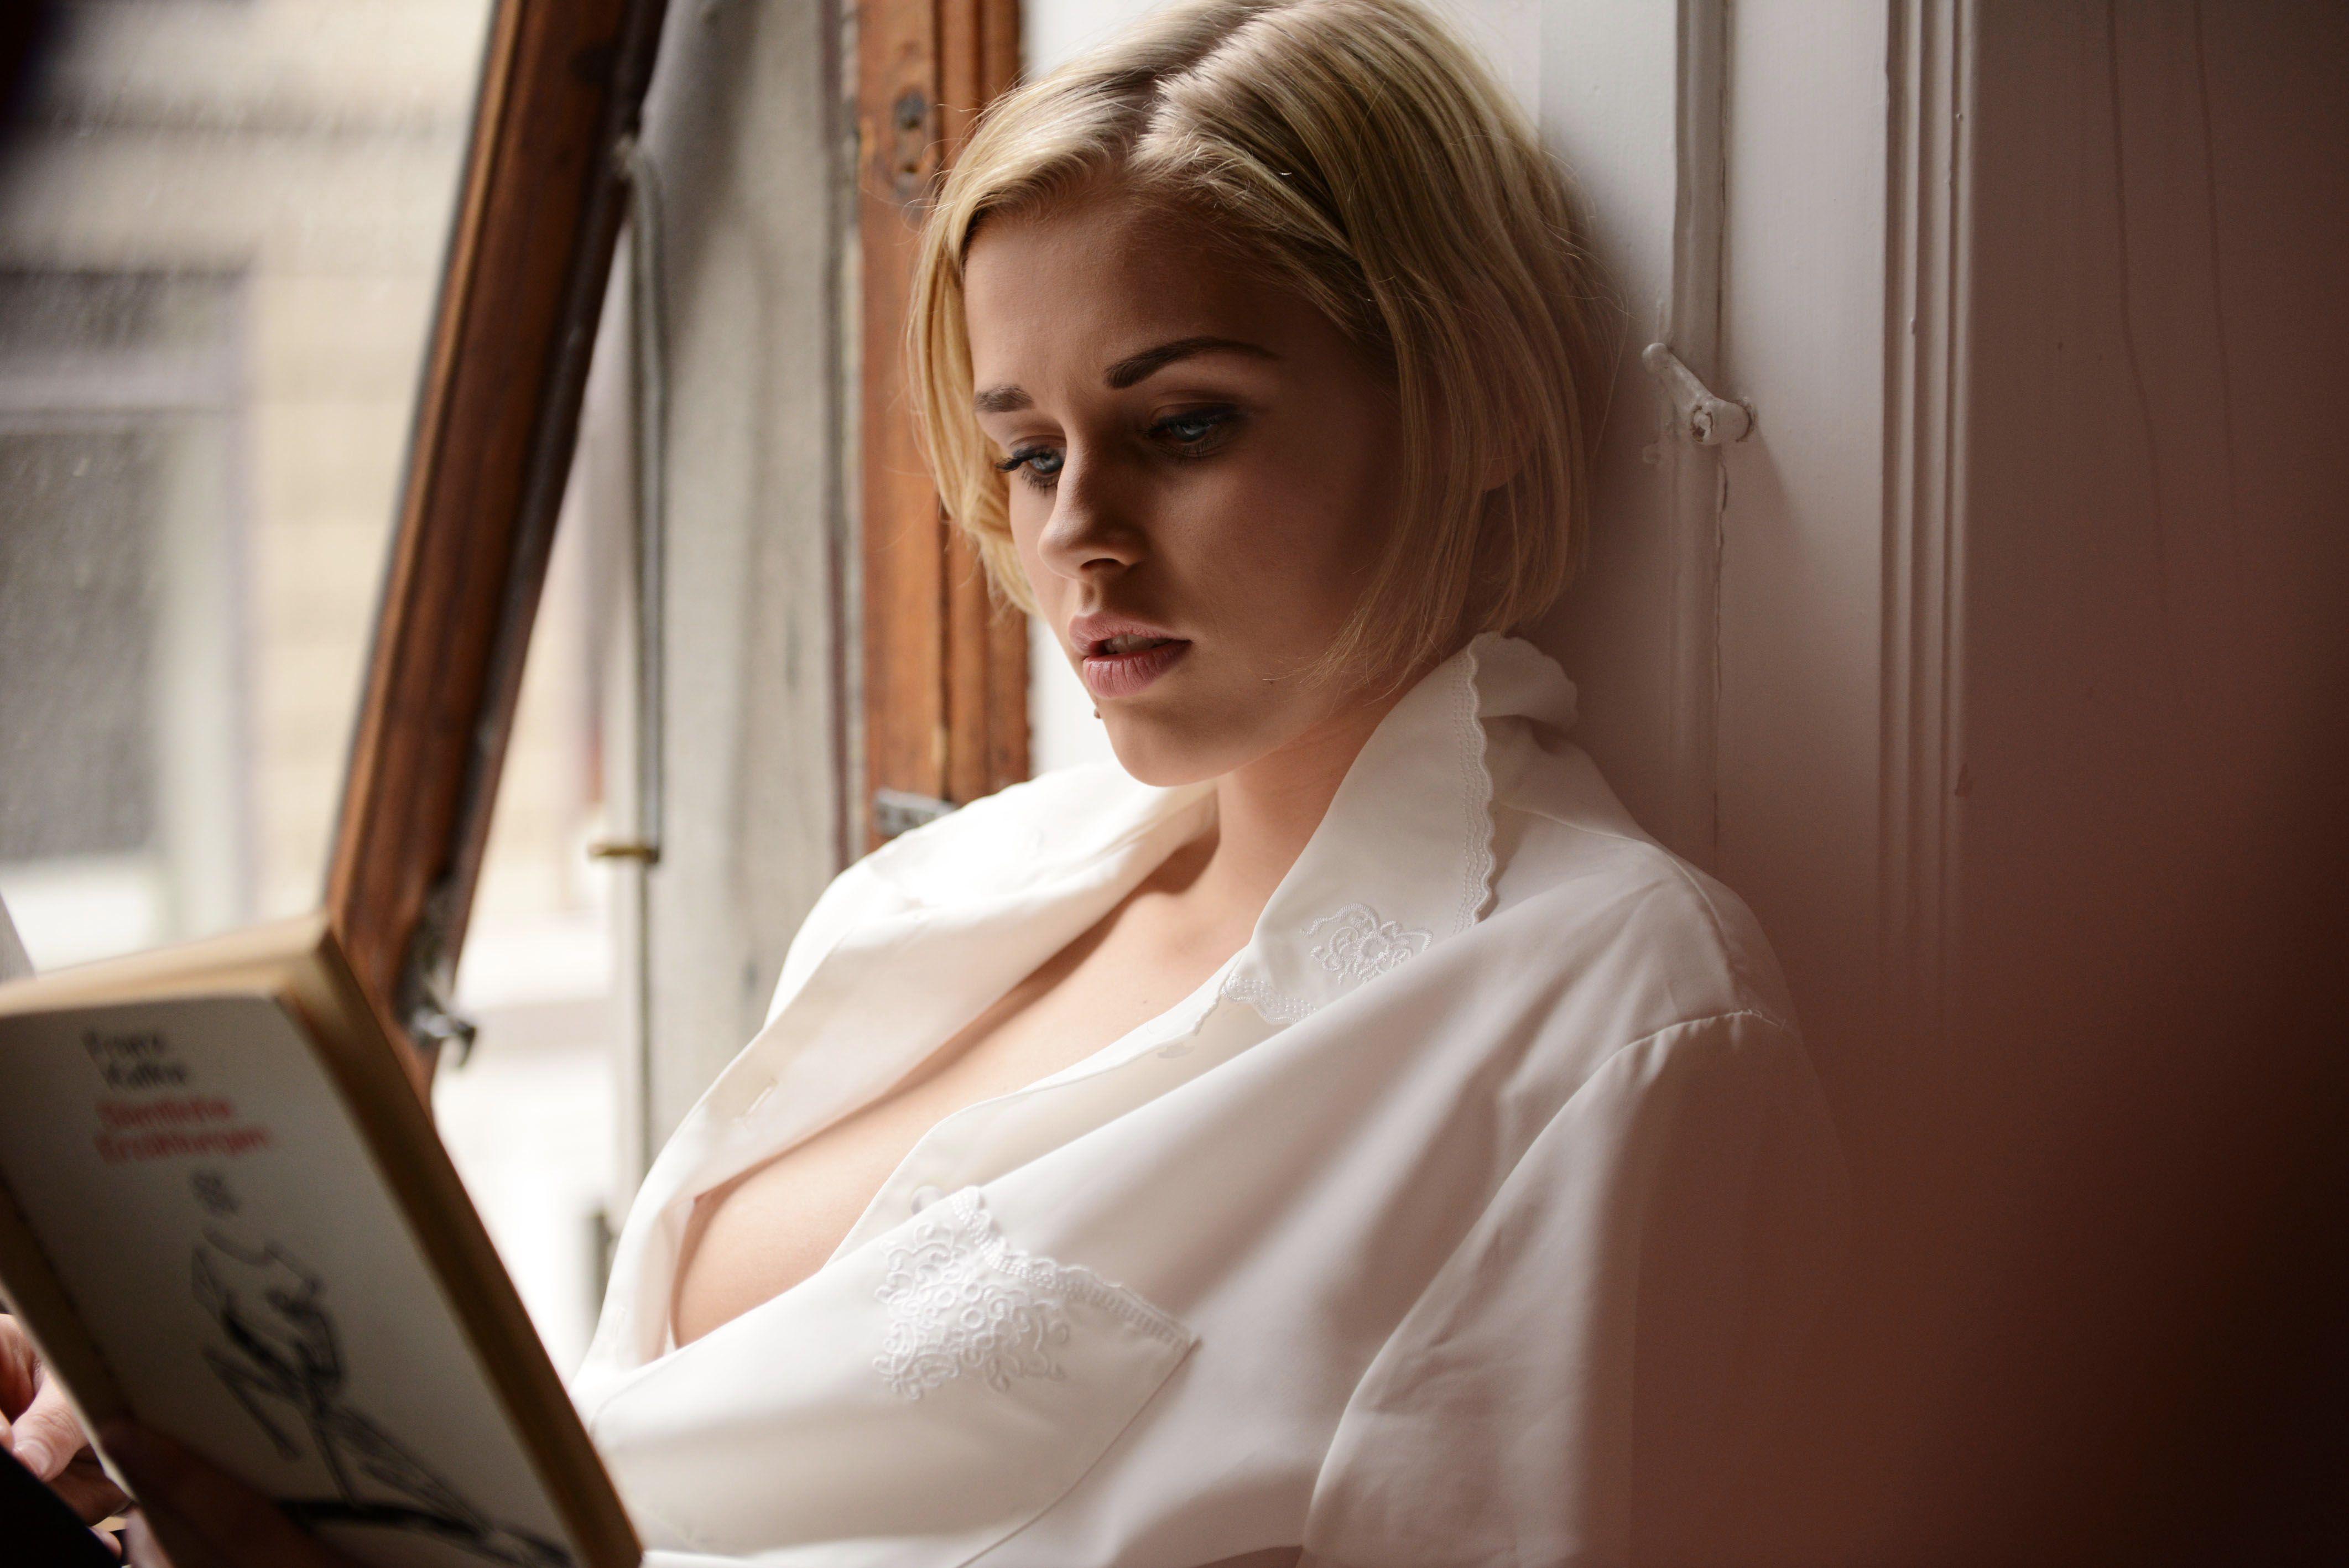 Photography: Jens Stoltze Model: Ida Marie / Le management